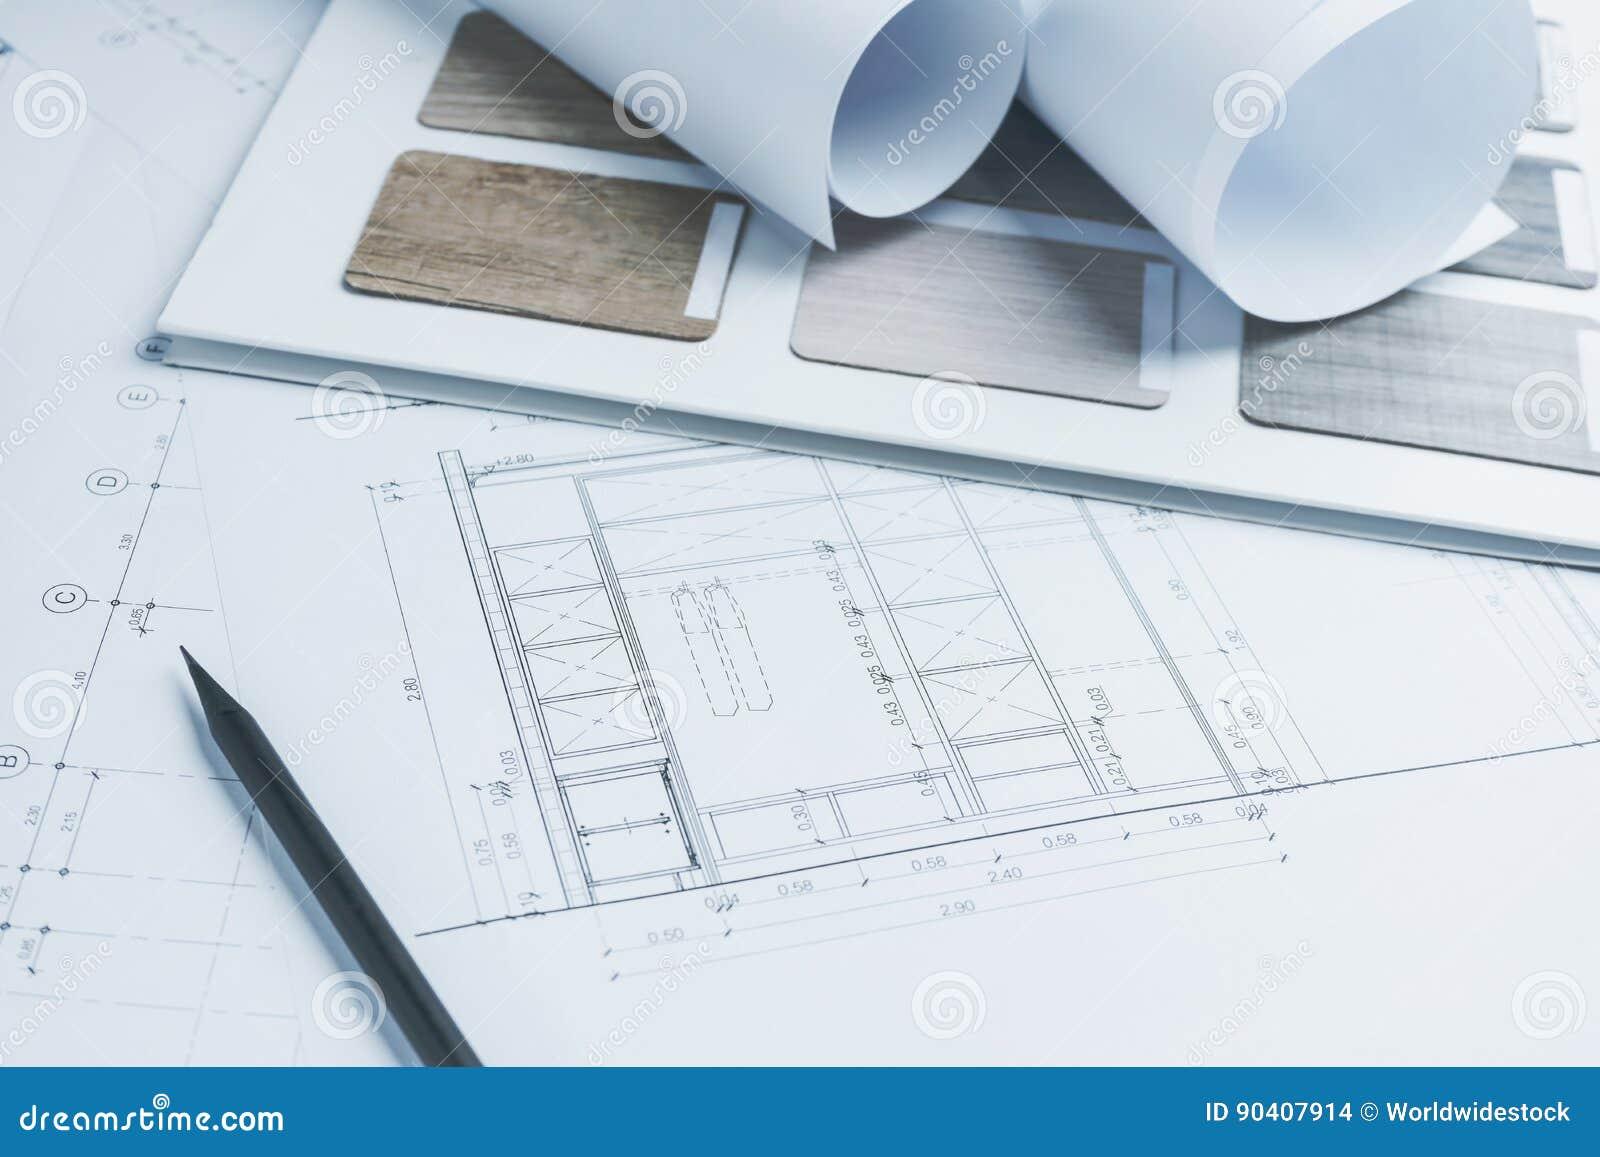 Papier de dessins architectural avec des échantillons de couleur et de matériel pour